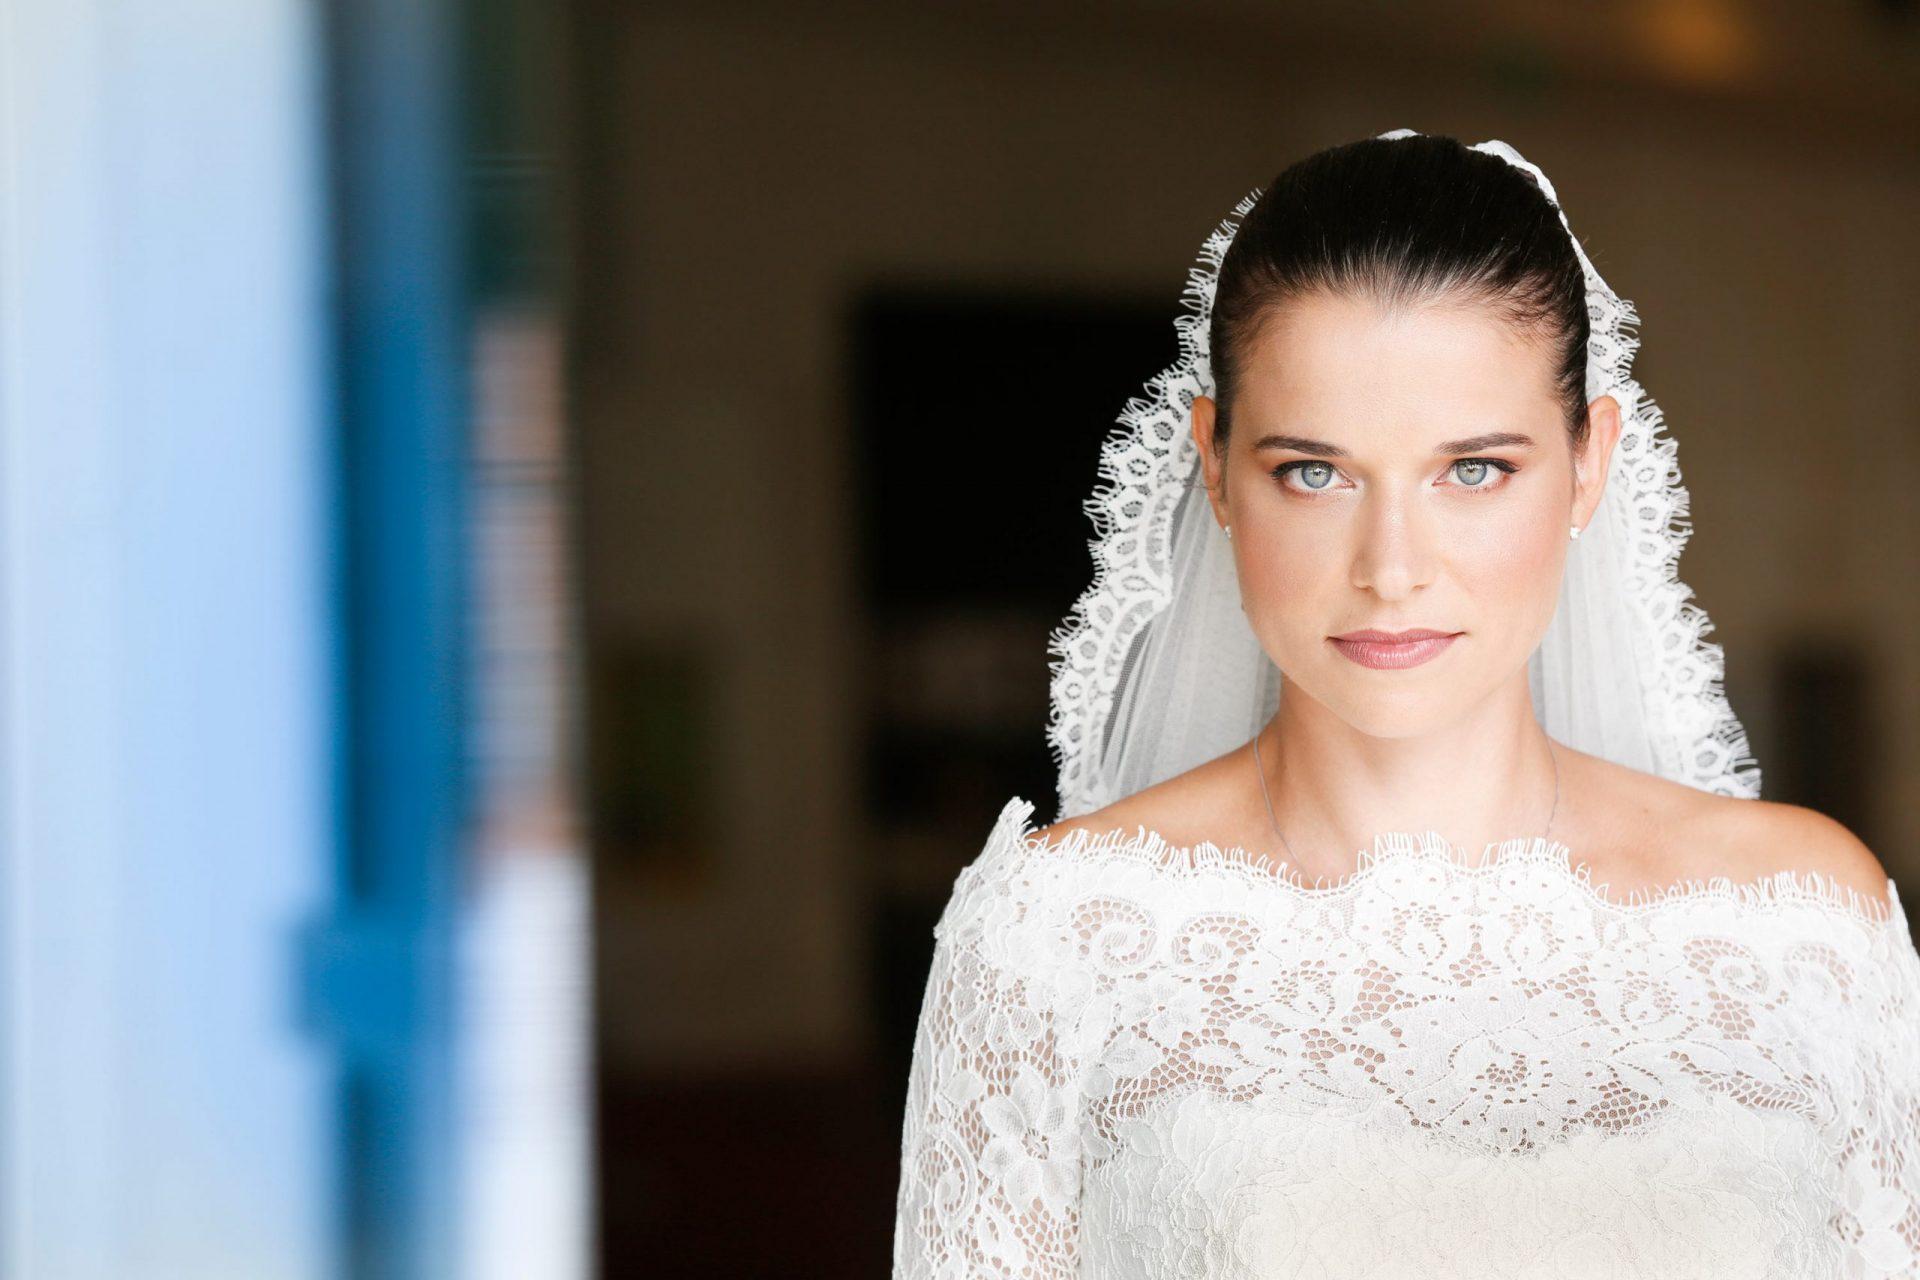 Gloria and Giovanni, the bride